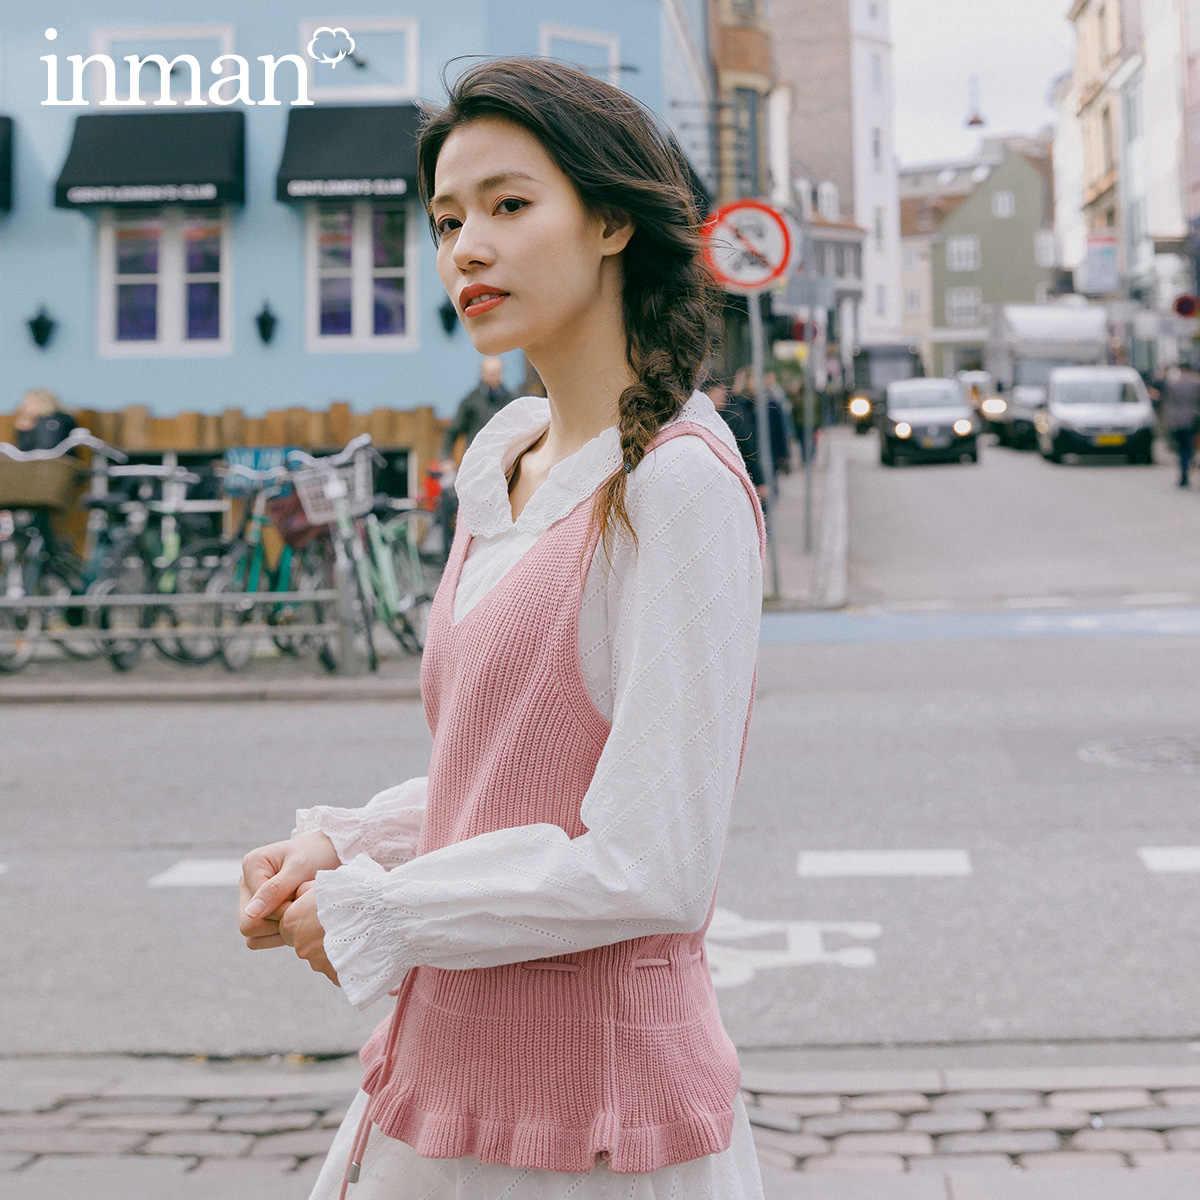 Xã INMAN Mùa Xuân 2020 Hàng Mới Về Văn Học Nguyên Chất Màu V-Dòng Cổ Nipped Waists Ren Co Giãn Đan Áo Ngắn